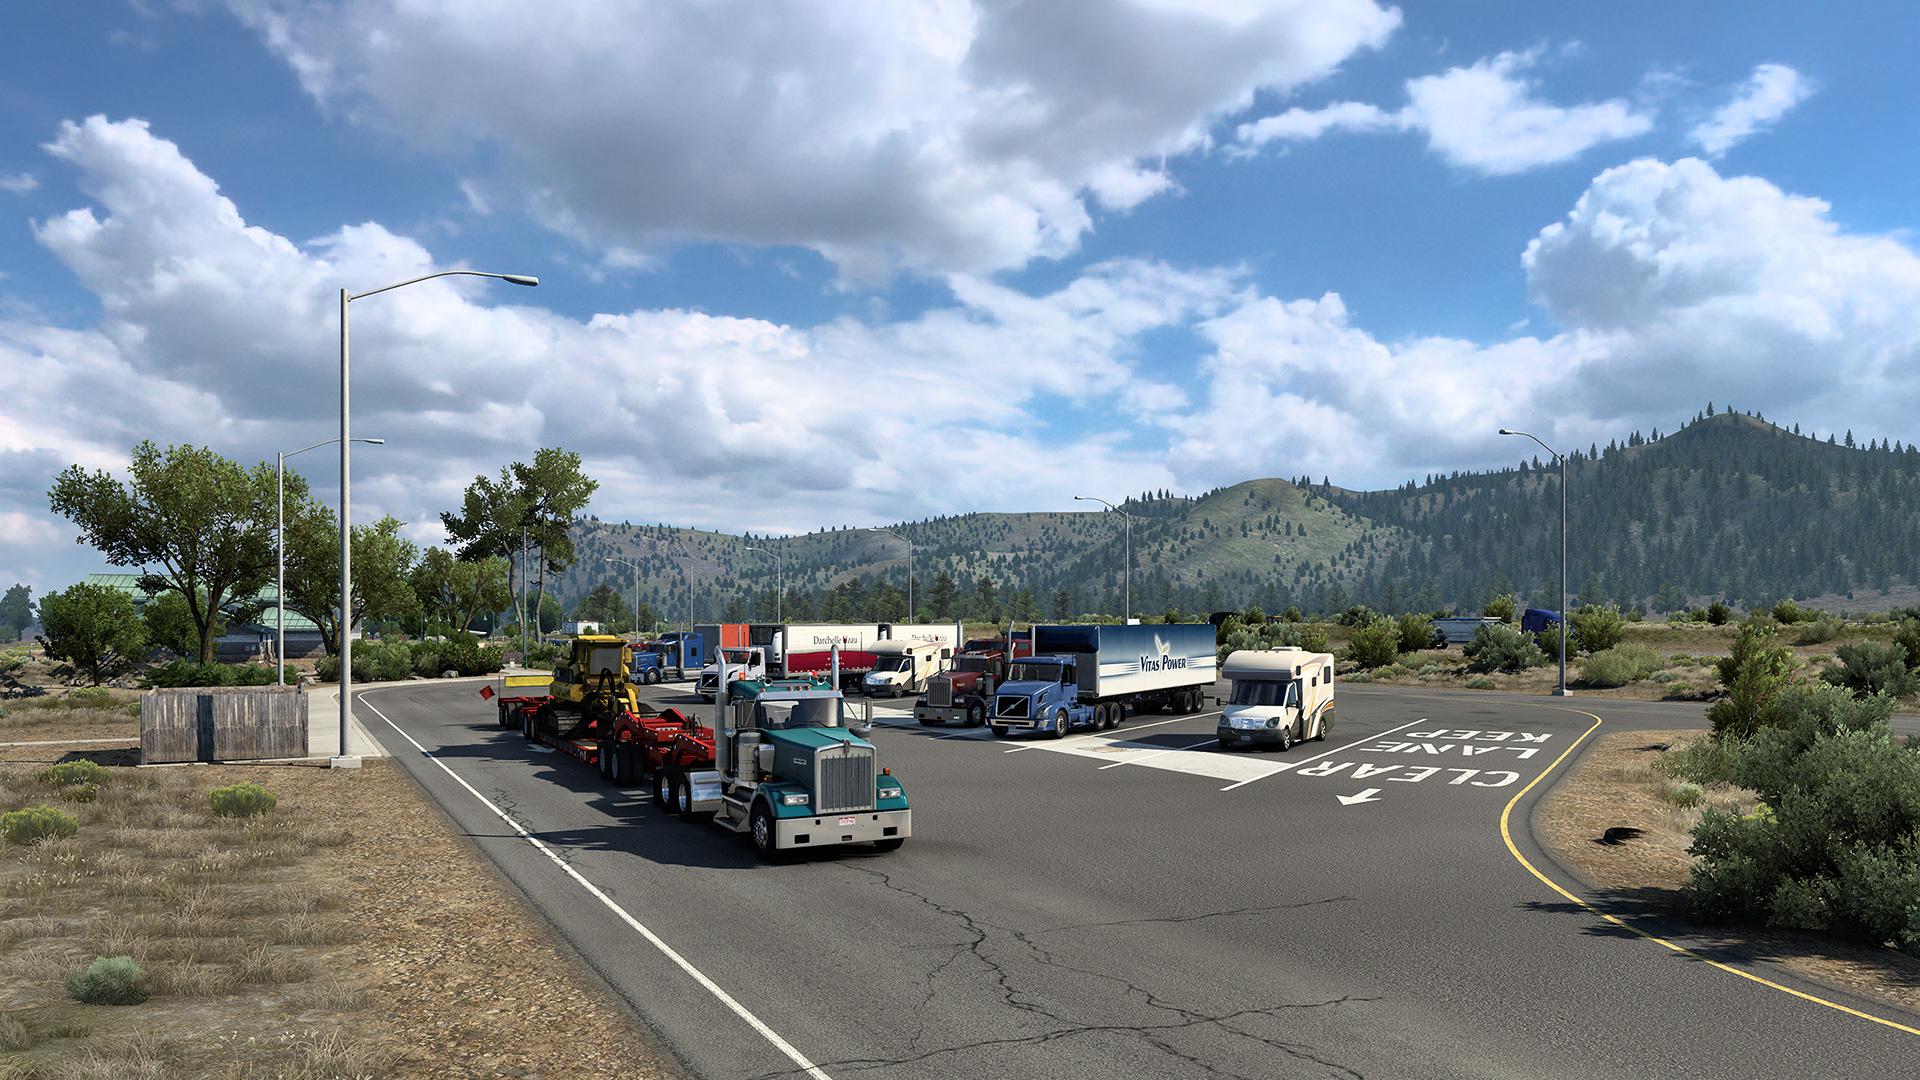 American Truck Simulator California Reskin gameplay release